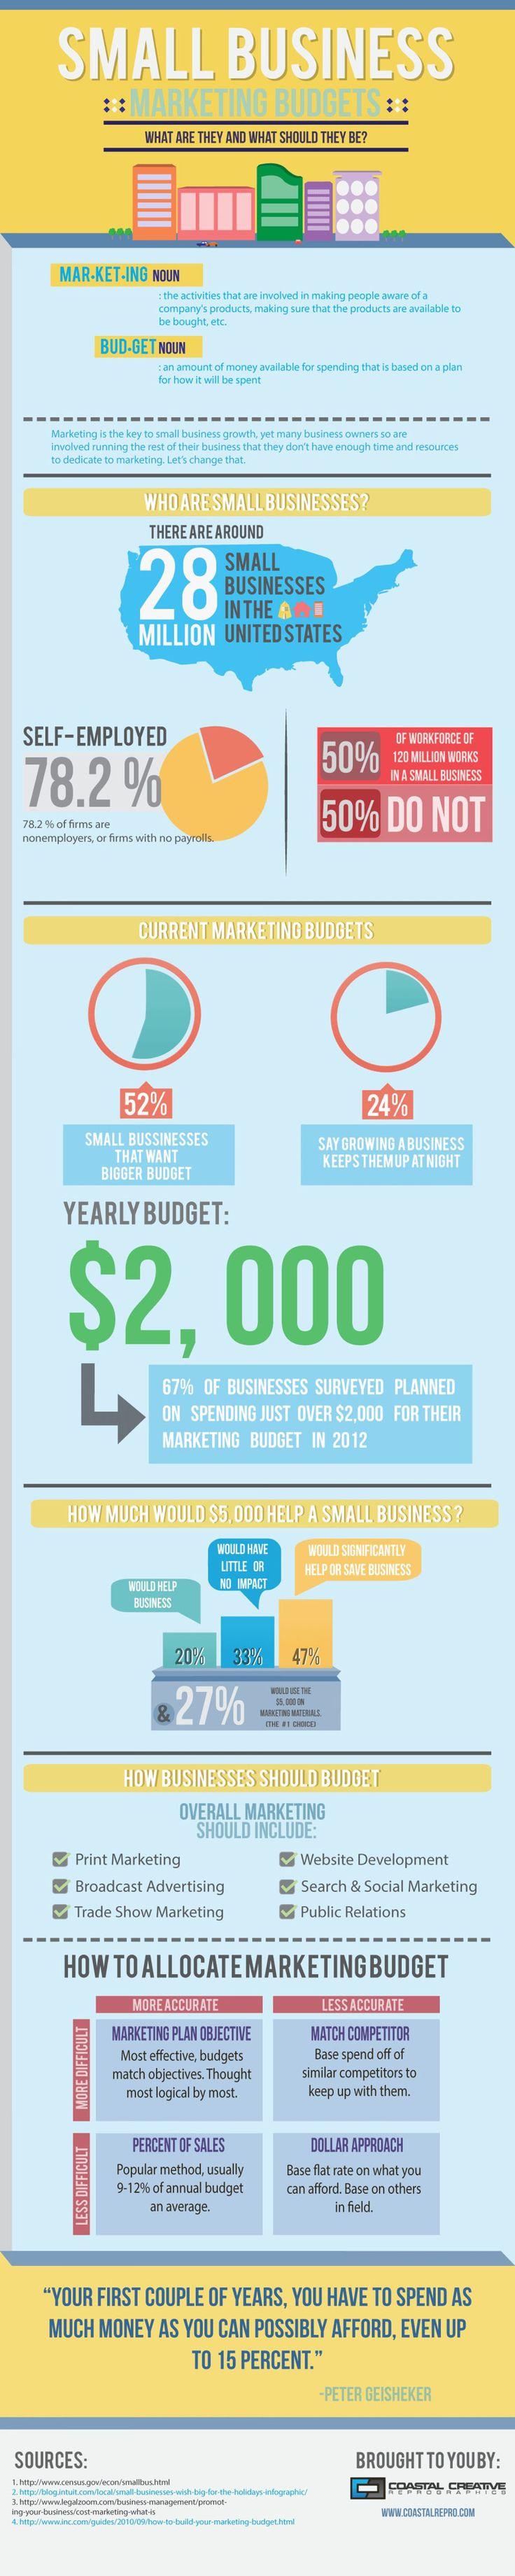 Infografía sobre Marketing para Pequeñas #Empresas. ¿Cuanto se necesita invertir en los primeros años de un #negocio? #honduras